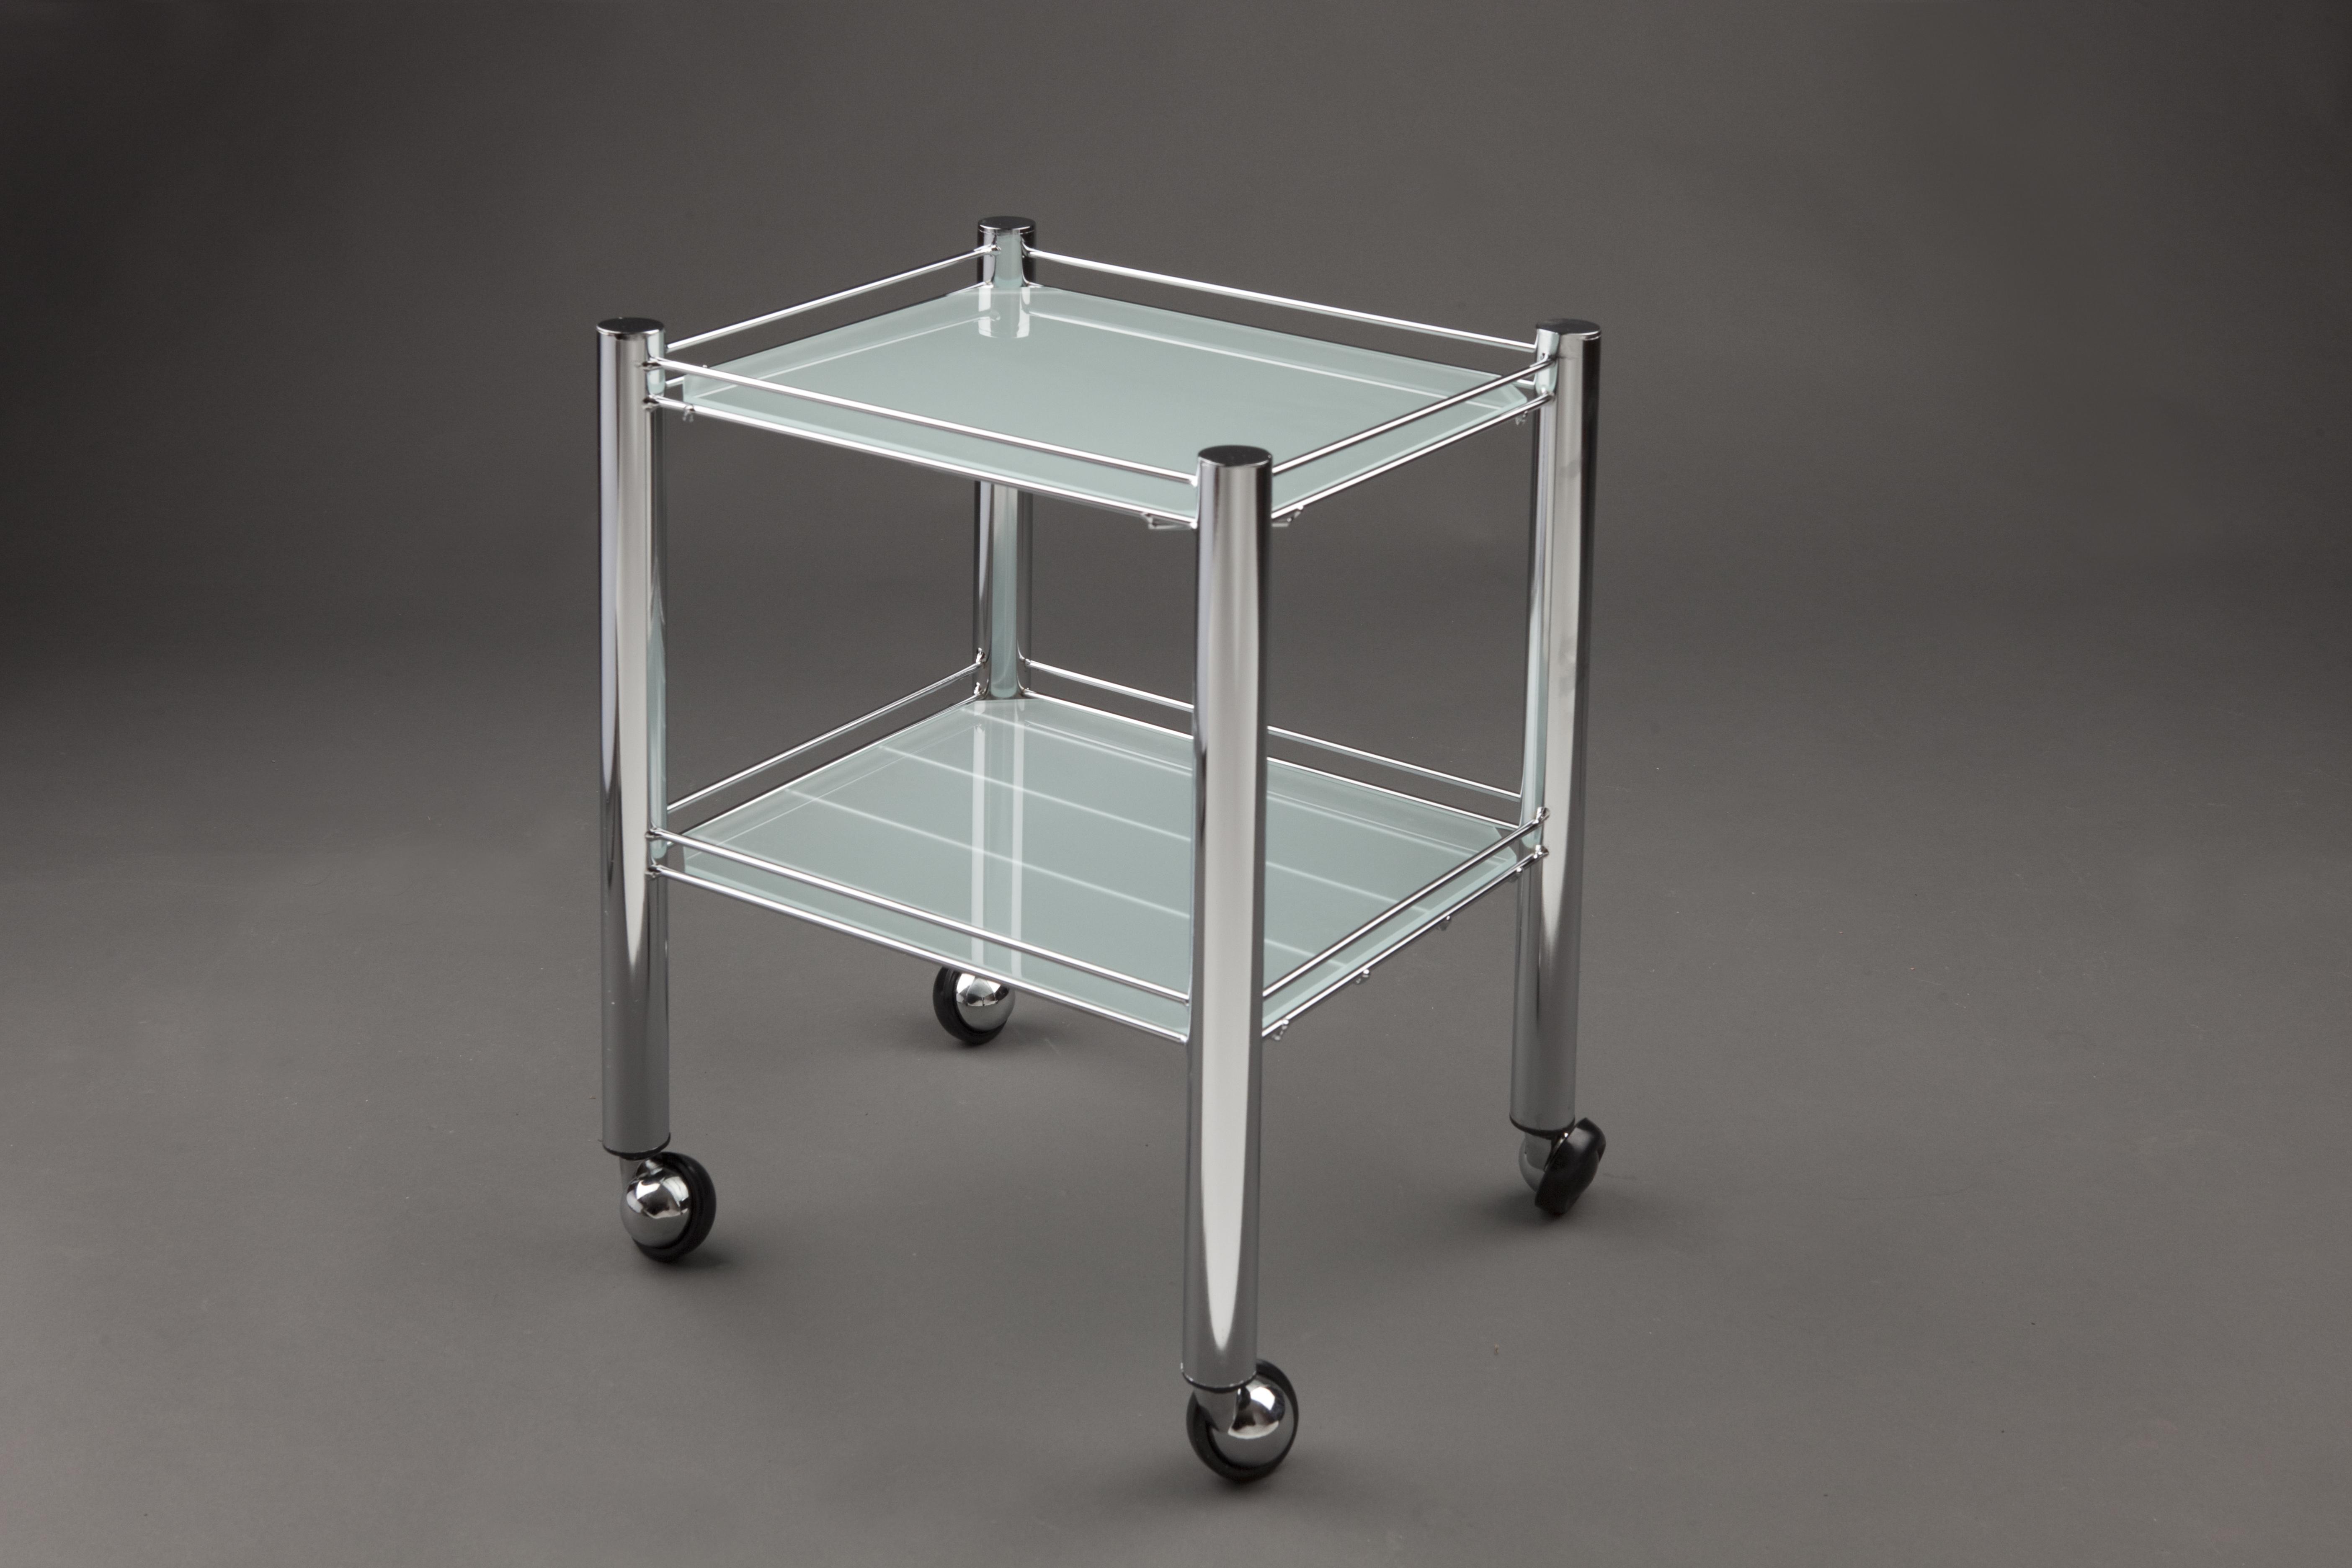 Carrito de ba o doble cristal con ruedas cromadas for Accesorios bano cristal